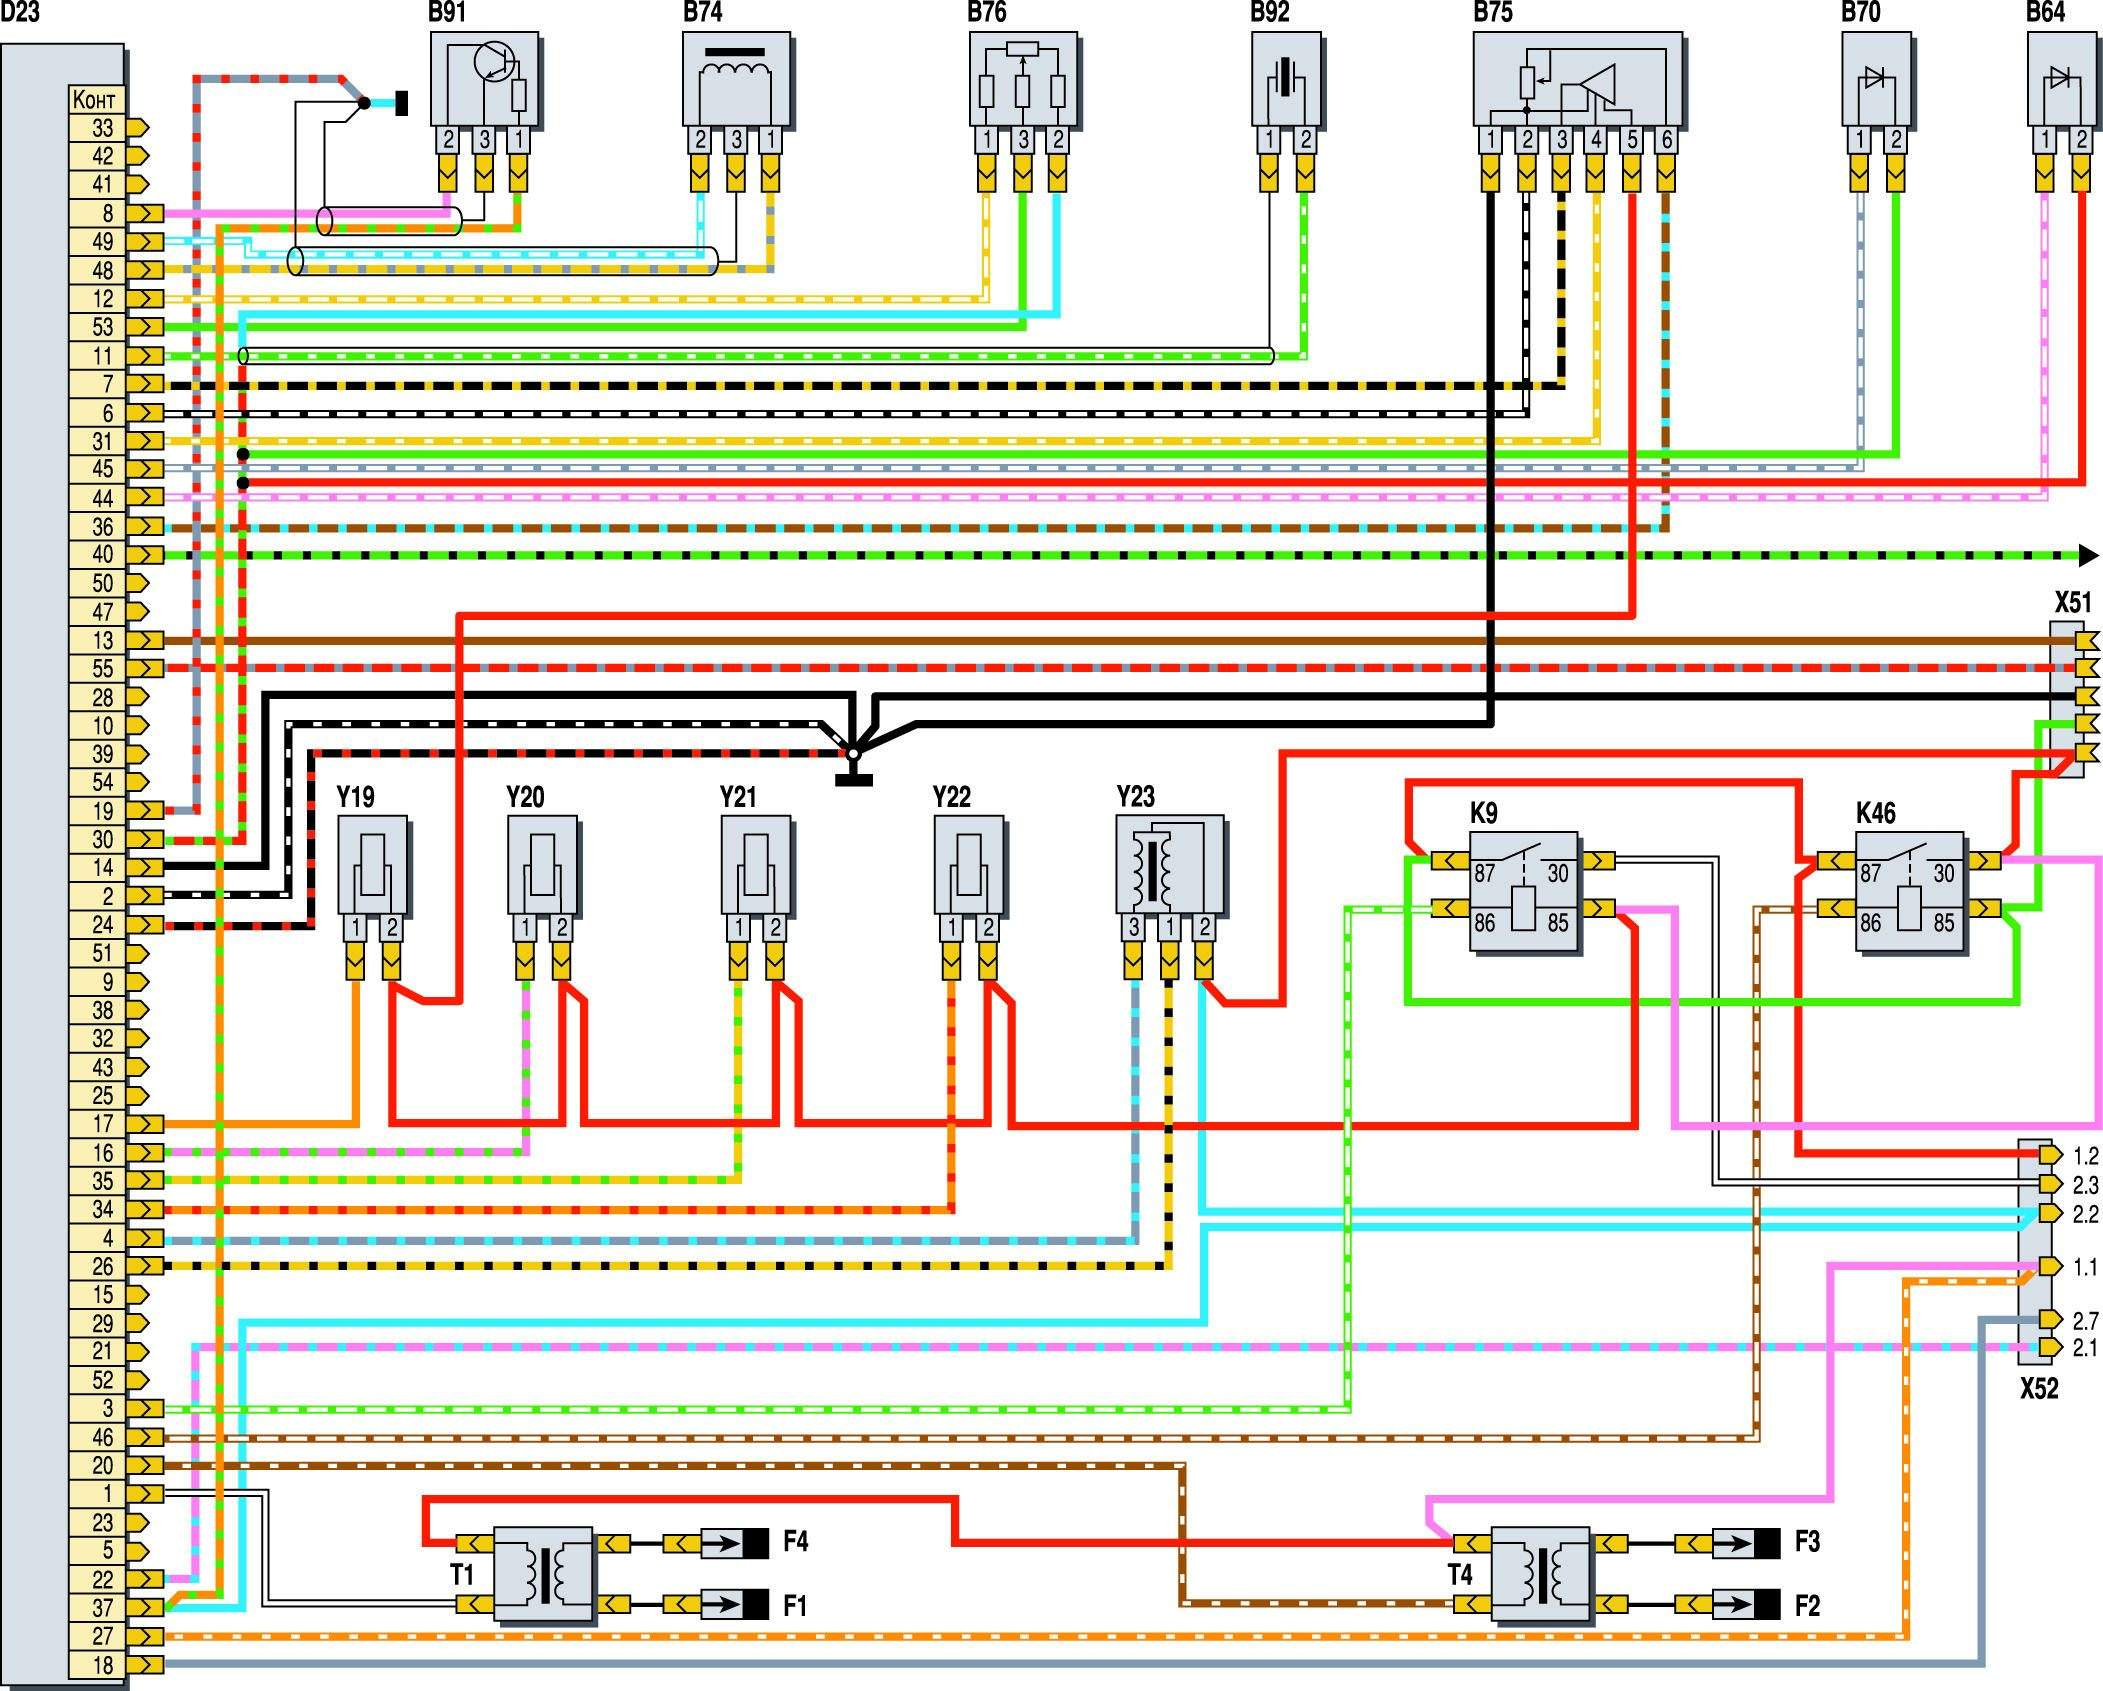 Схема системы управления двигателем 40522 с микас-11